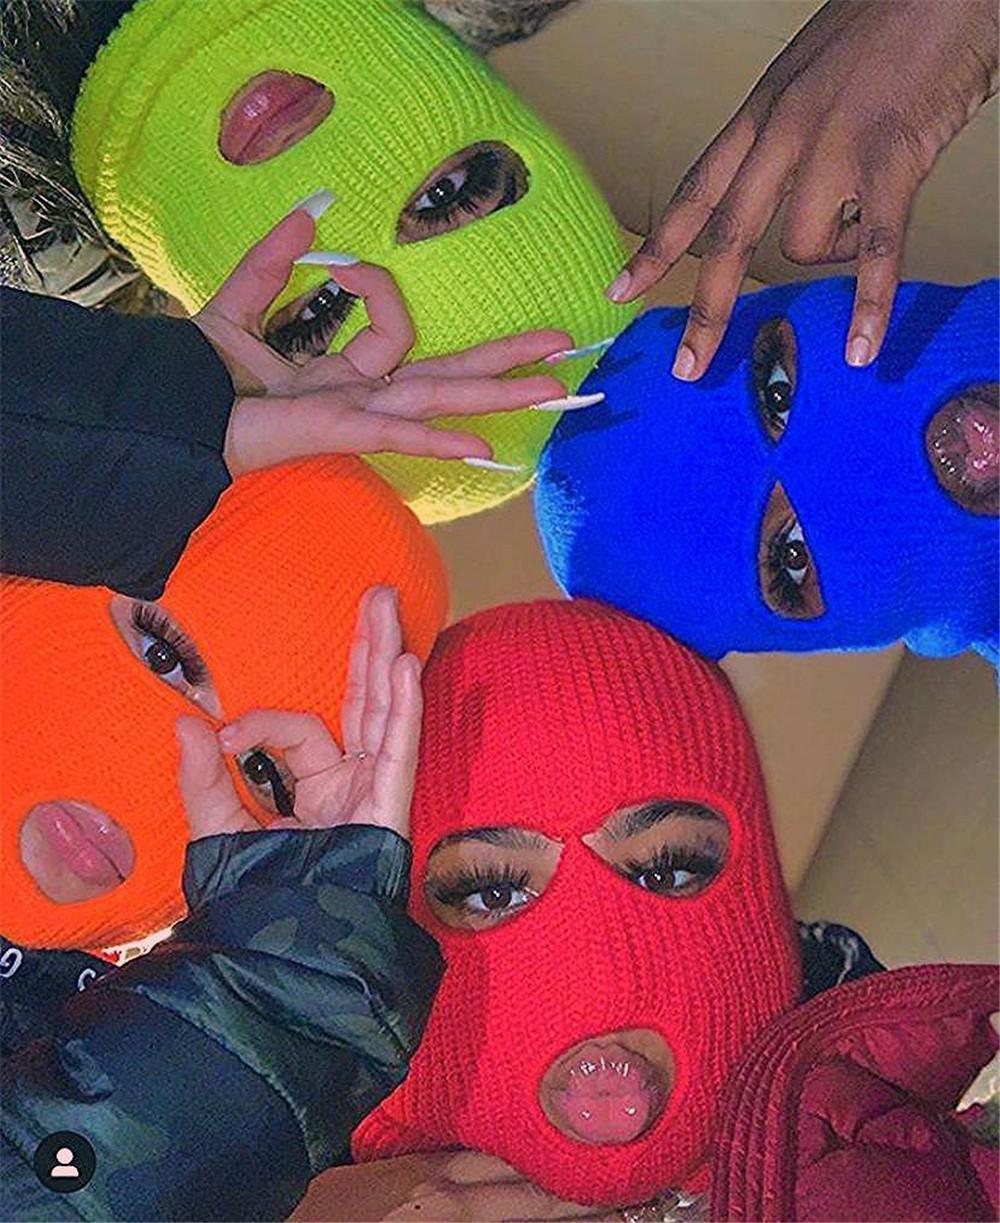 Полная маска для лица 3 отверстия вязаная шляпа тактическая зимняя лыжа велосипедная маска шансы шляпа